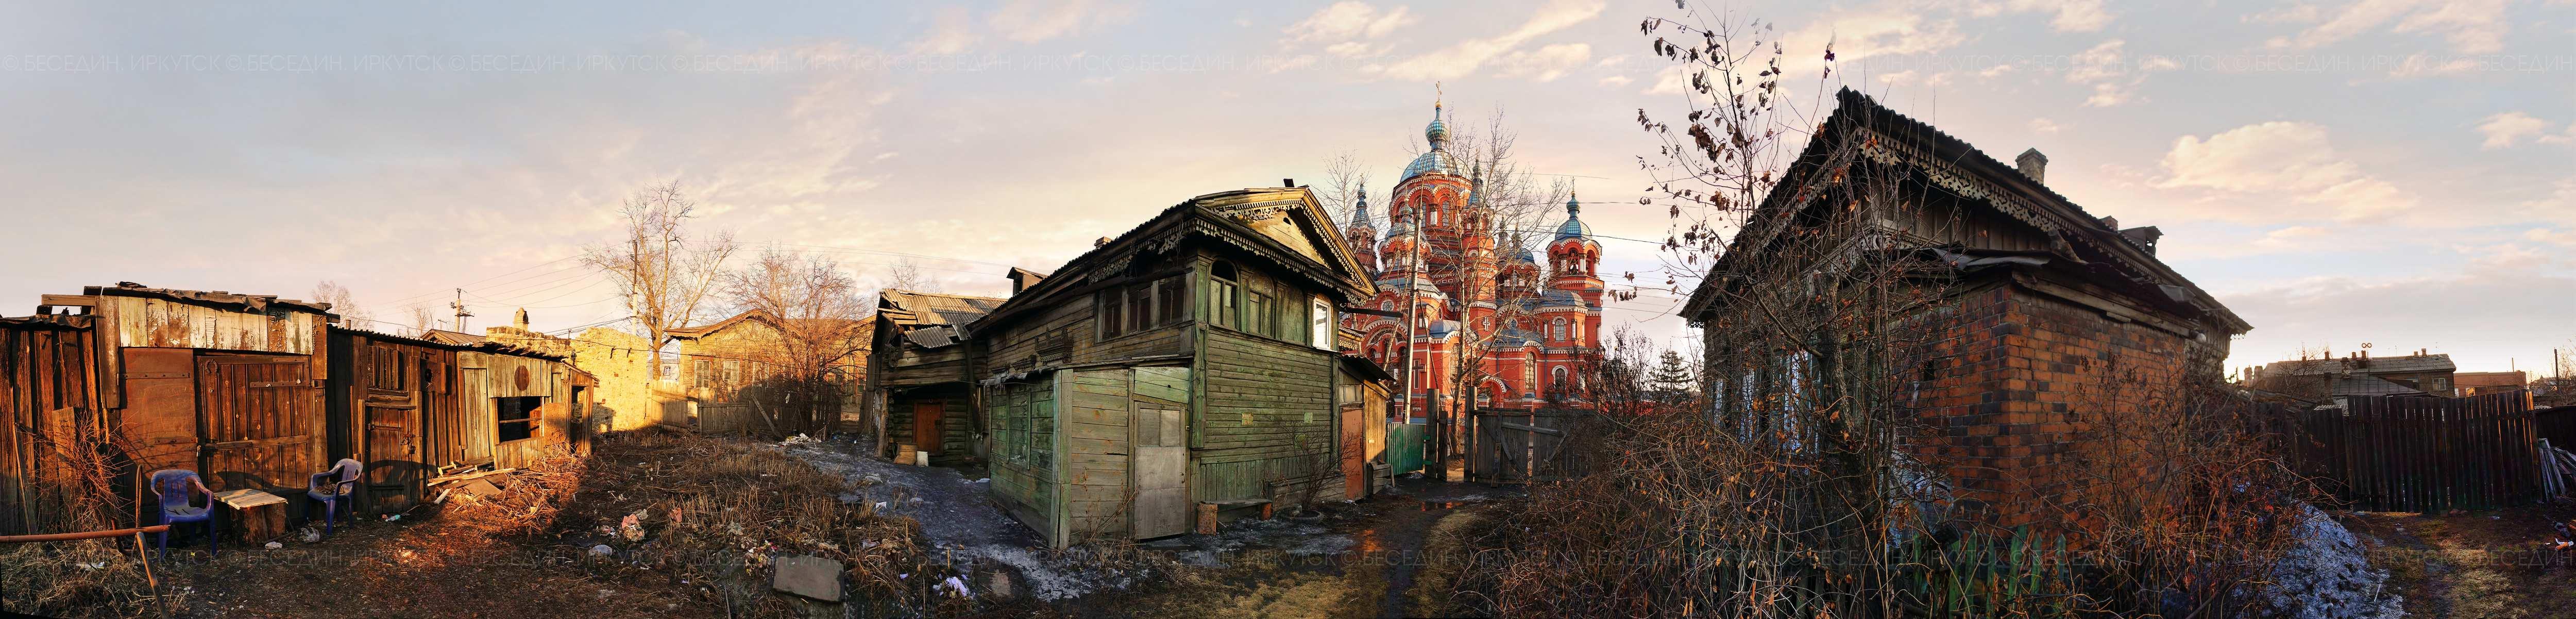 130408 Ирк Казанский собор 1